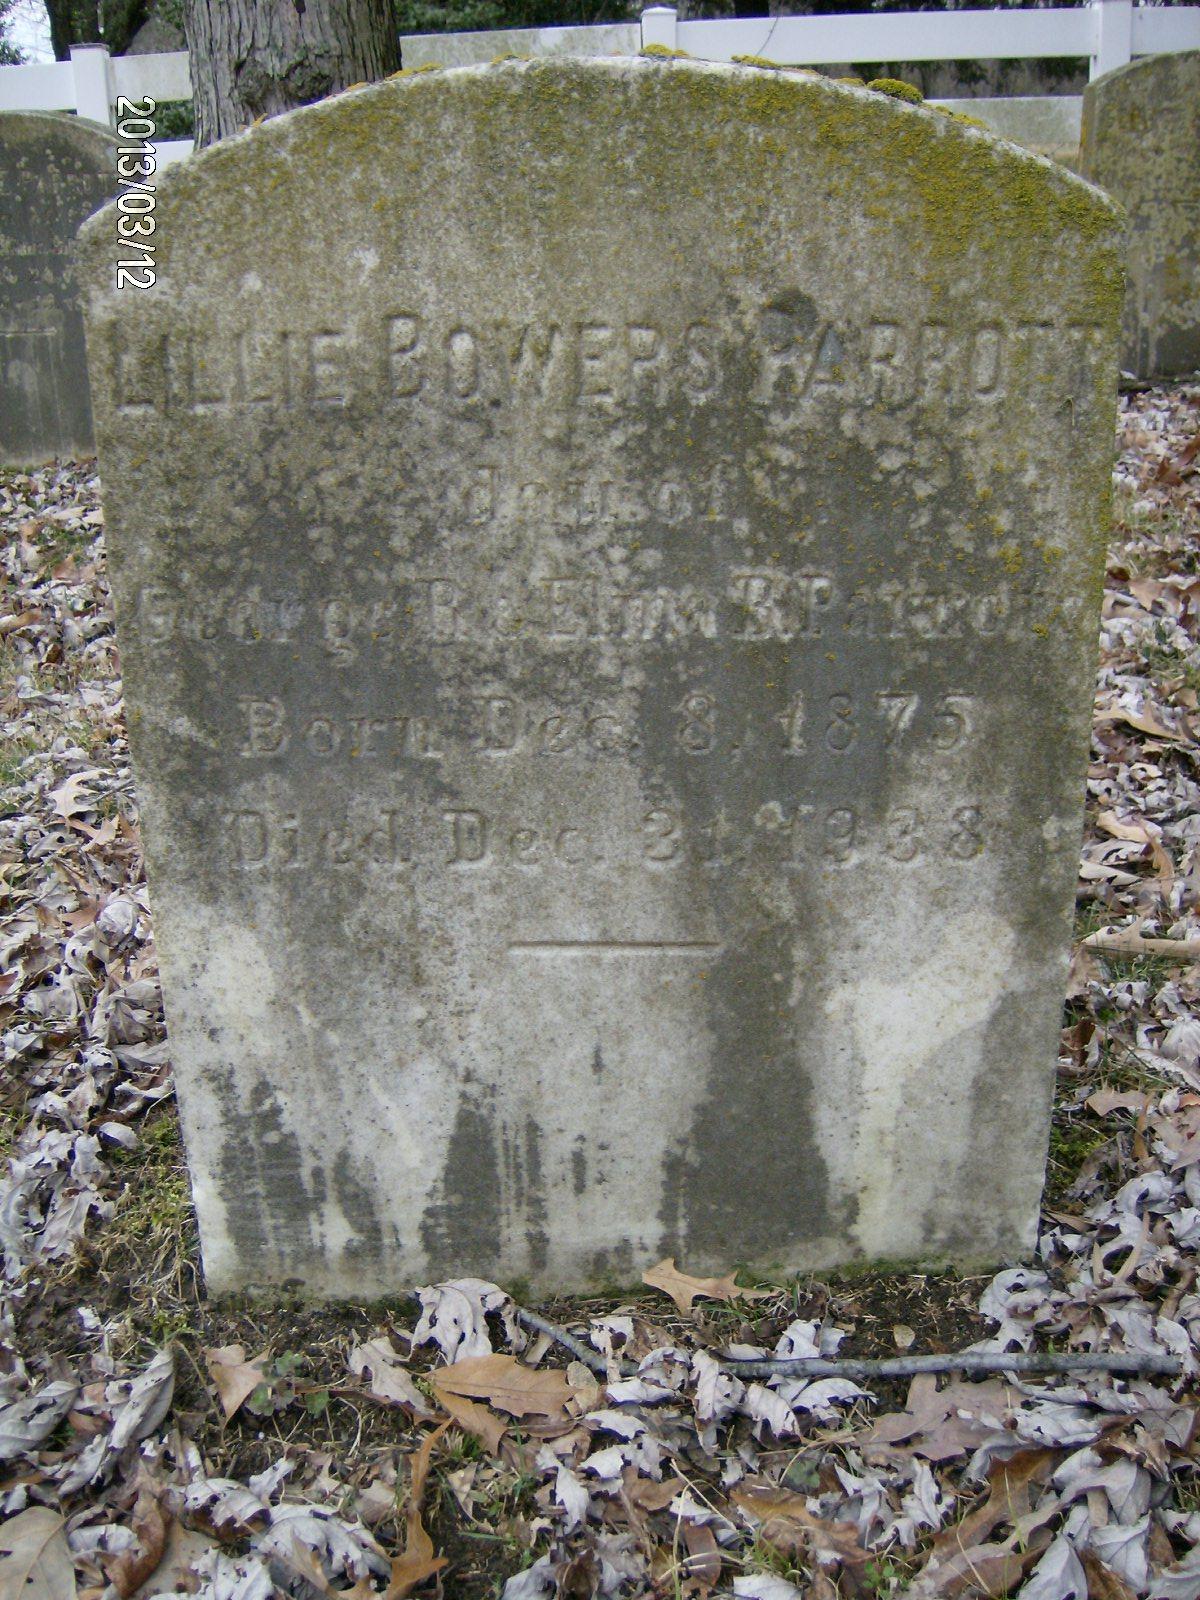 Lillie Bowers Parrott